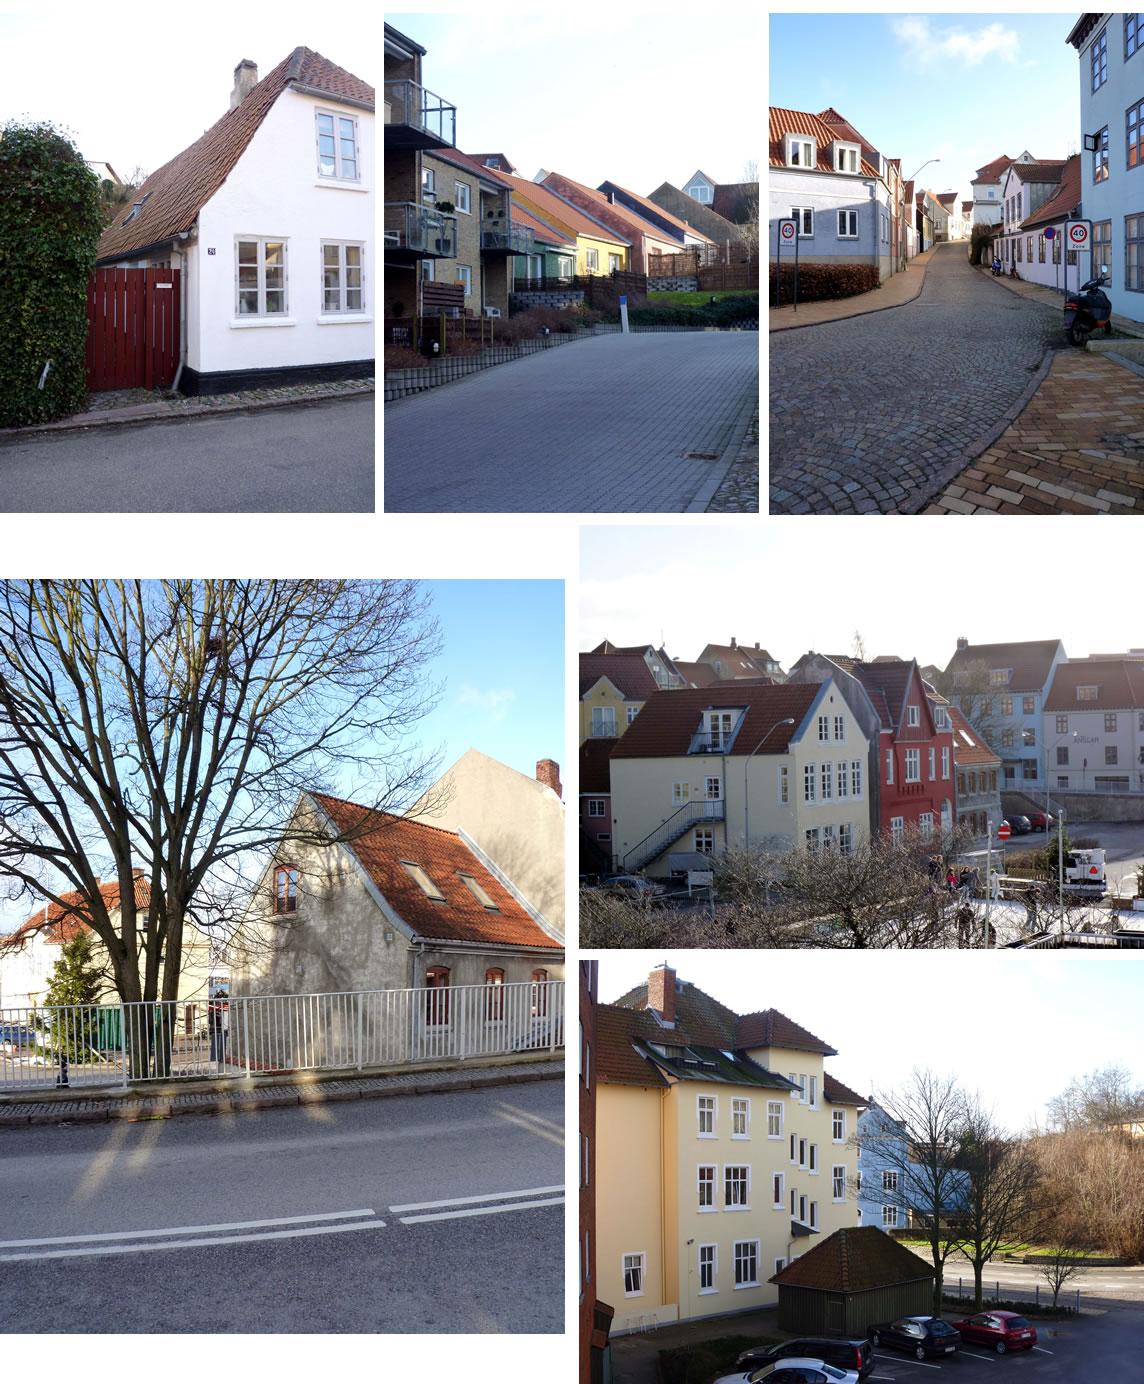 ソネボーの古い町並みサブイメージ3